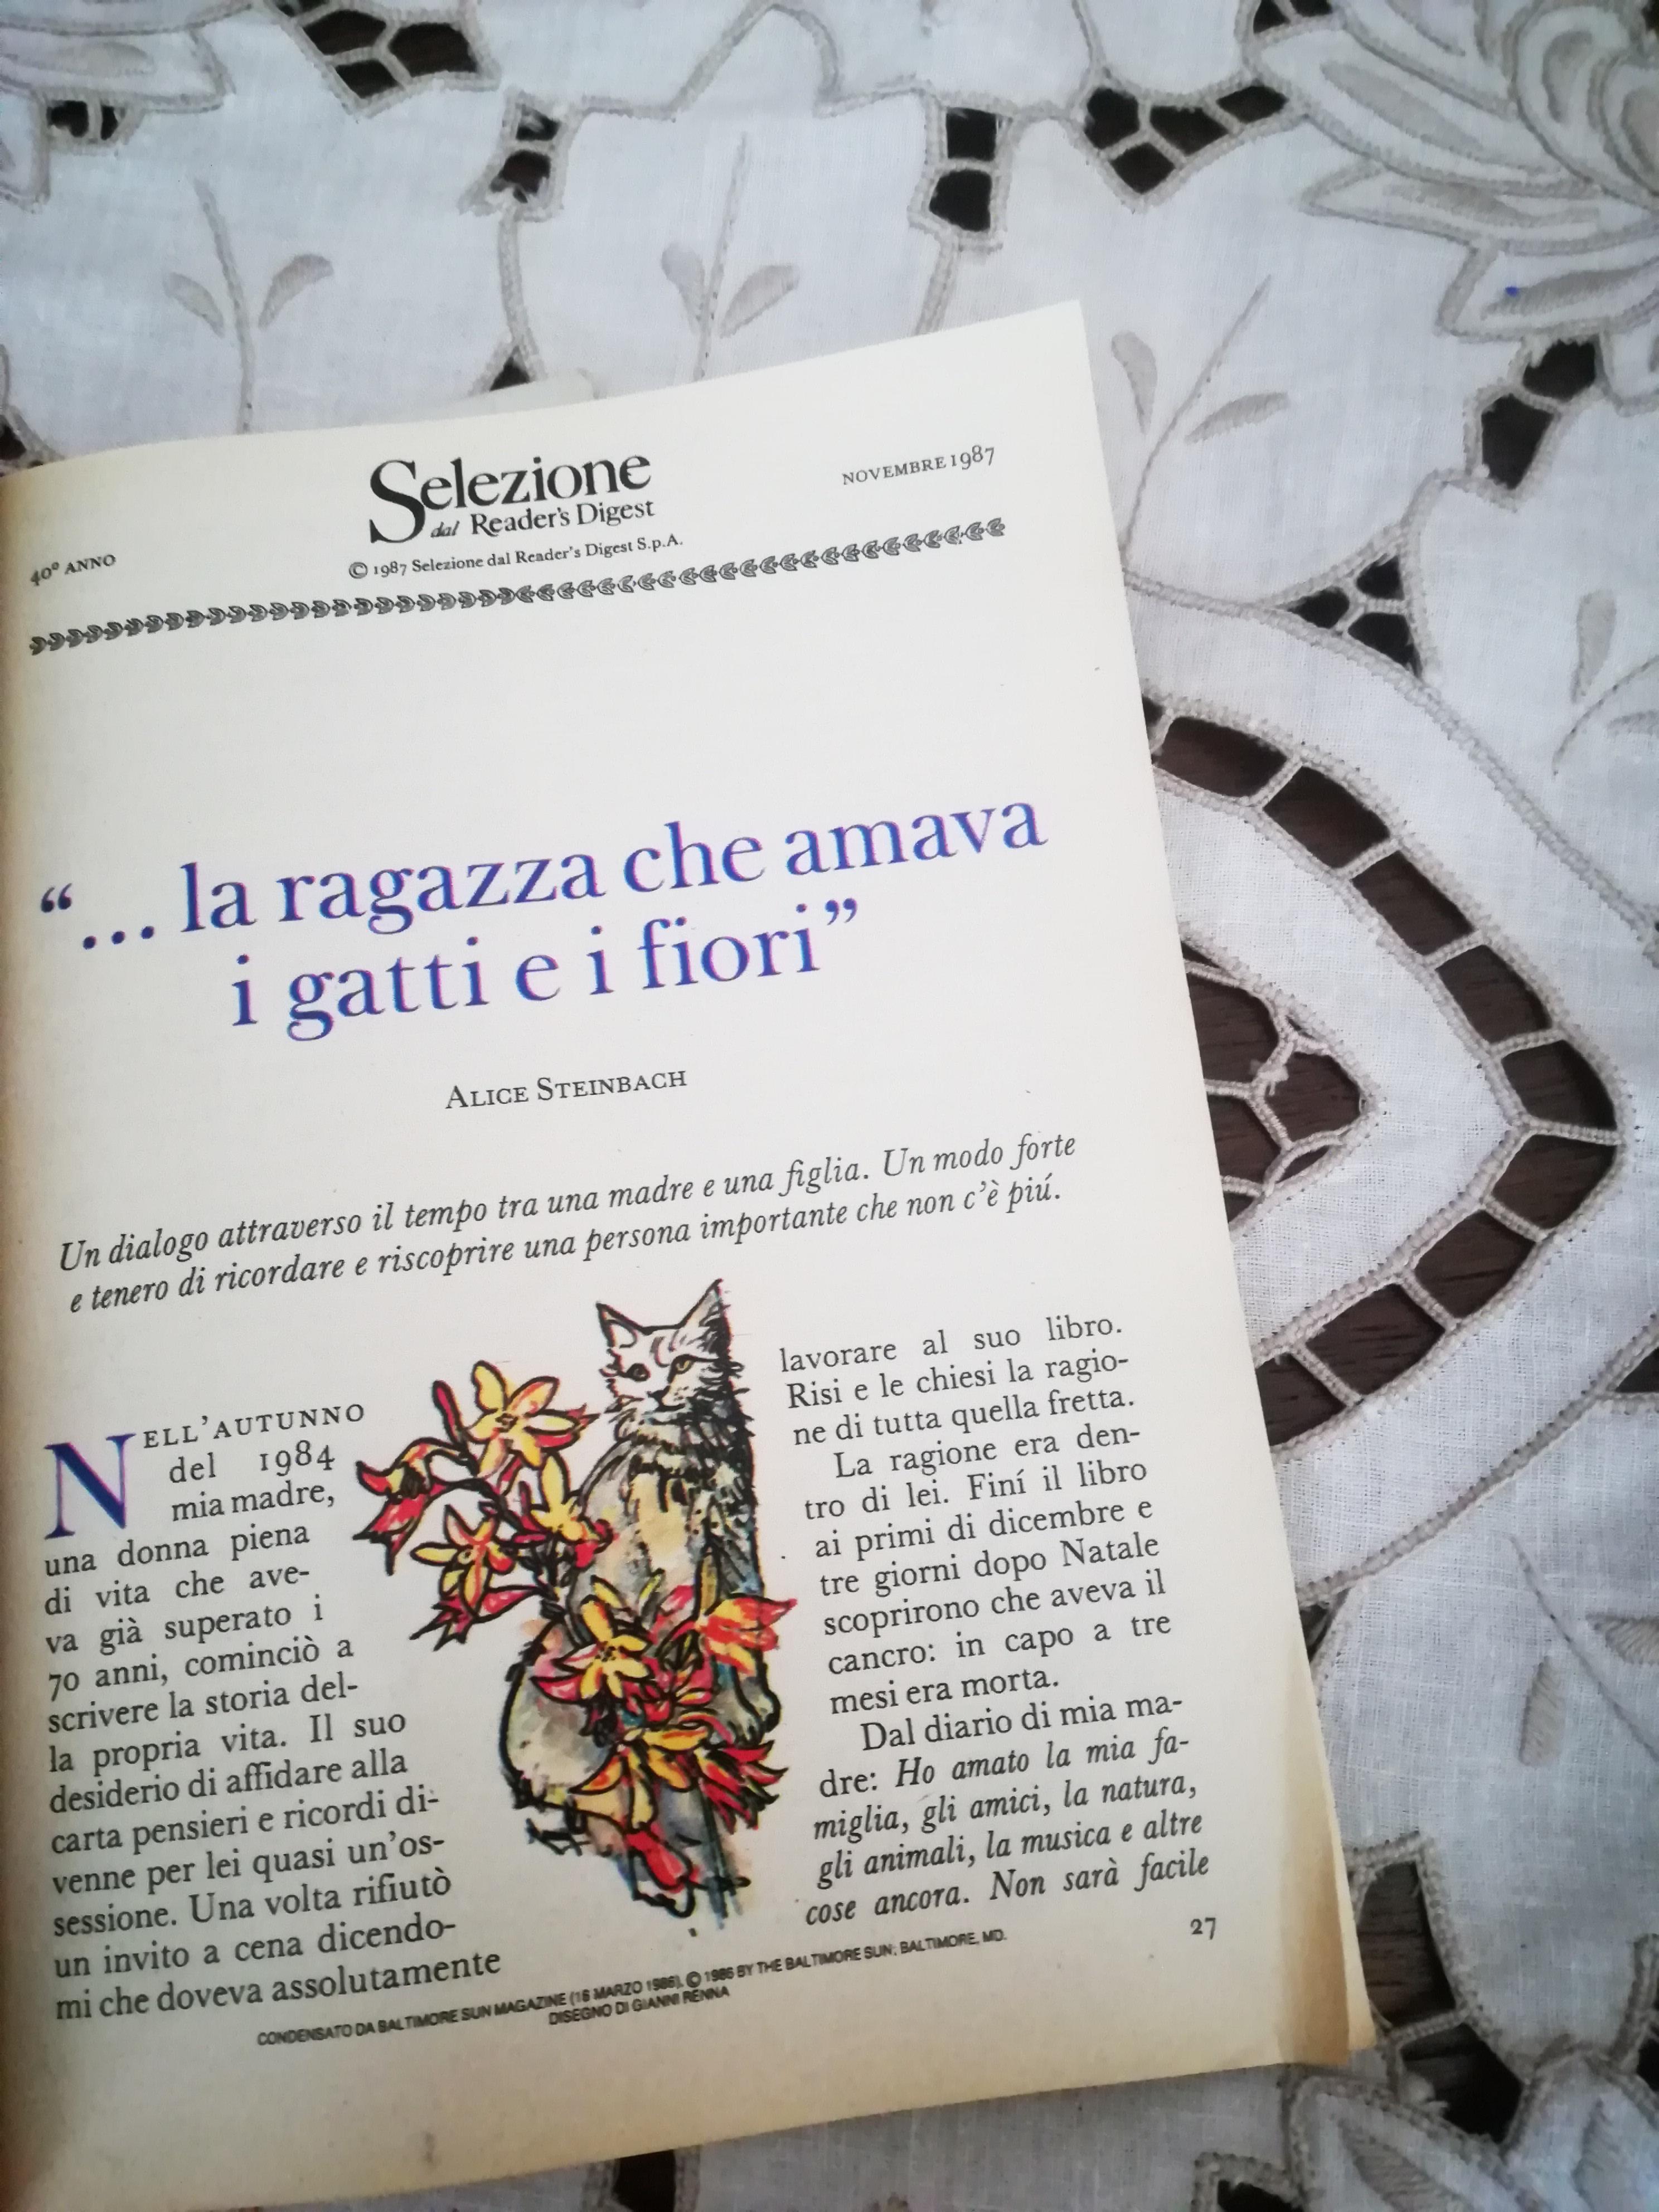 Diario di vita, ovvero storia di una ragazza che amava i gatti e i fiori